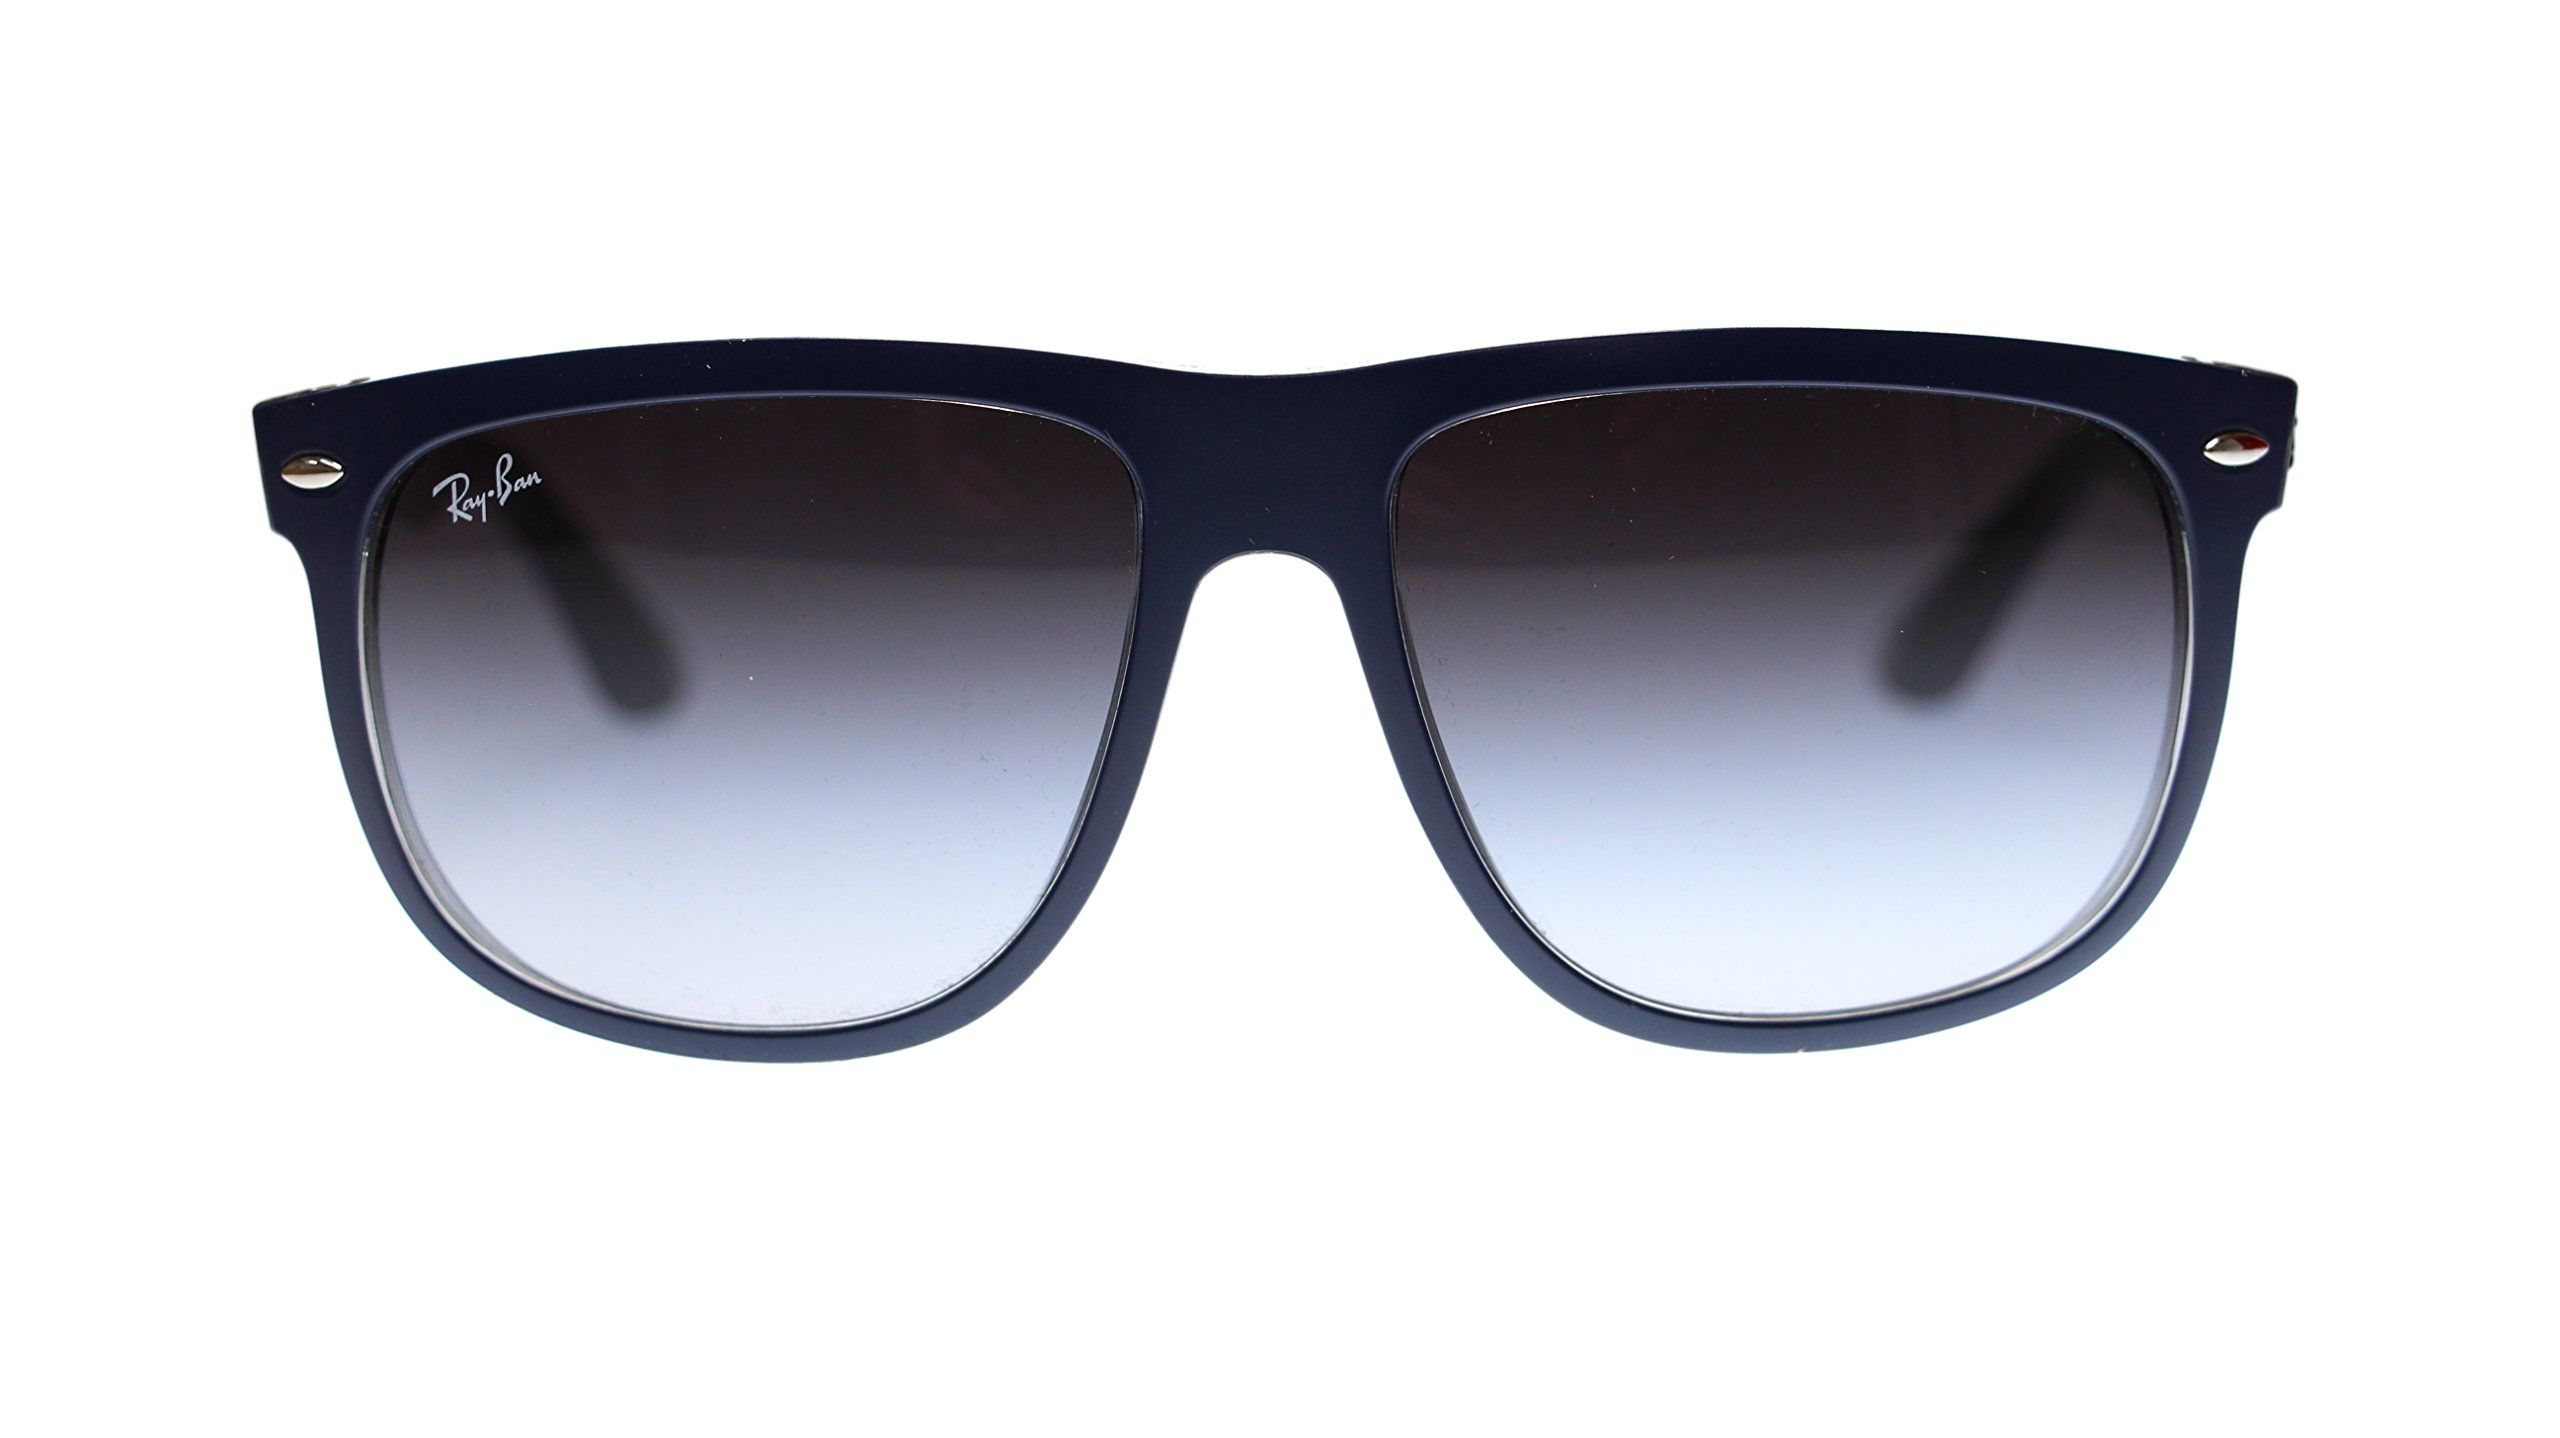 ray ban highstreet mens sunglasses rb4147 61328g top mat blue on rh pinterest com